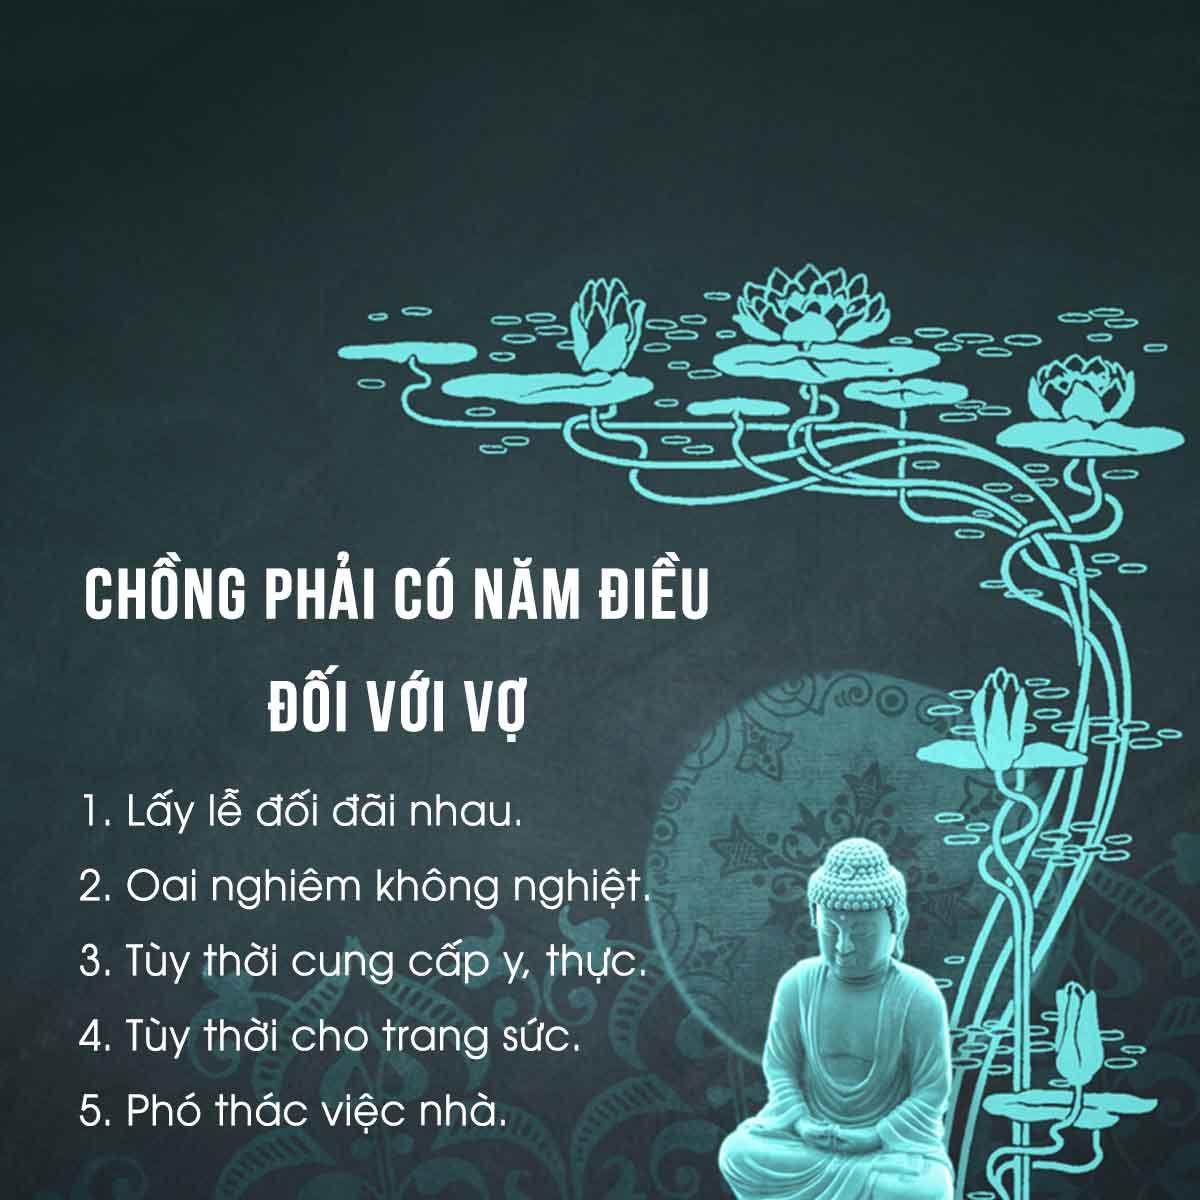 Đạo nghĩa gia đình theo lời Phật dạy 3